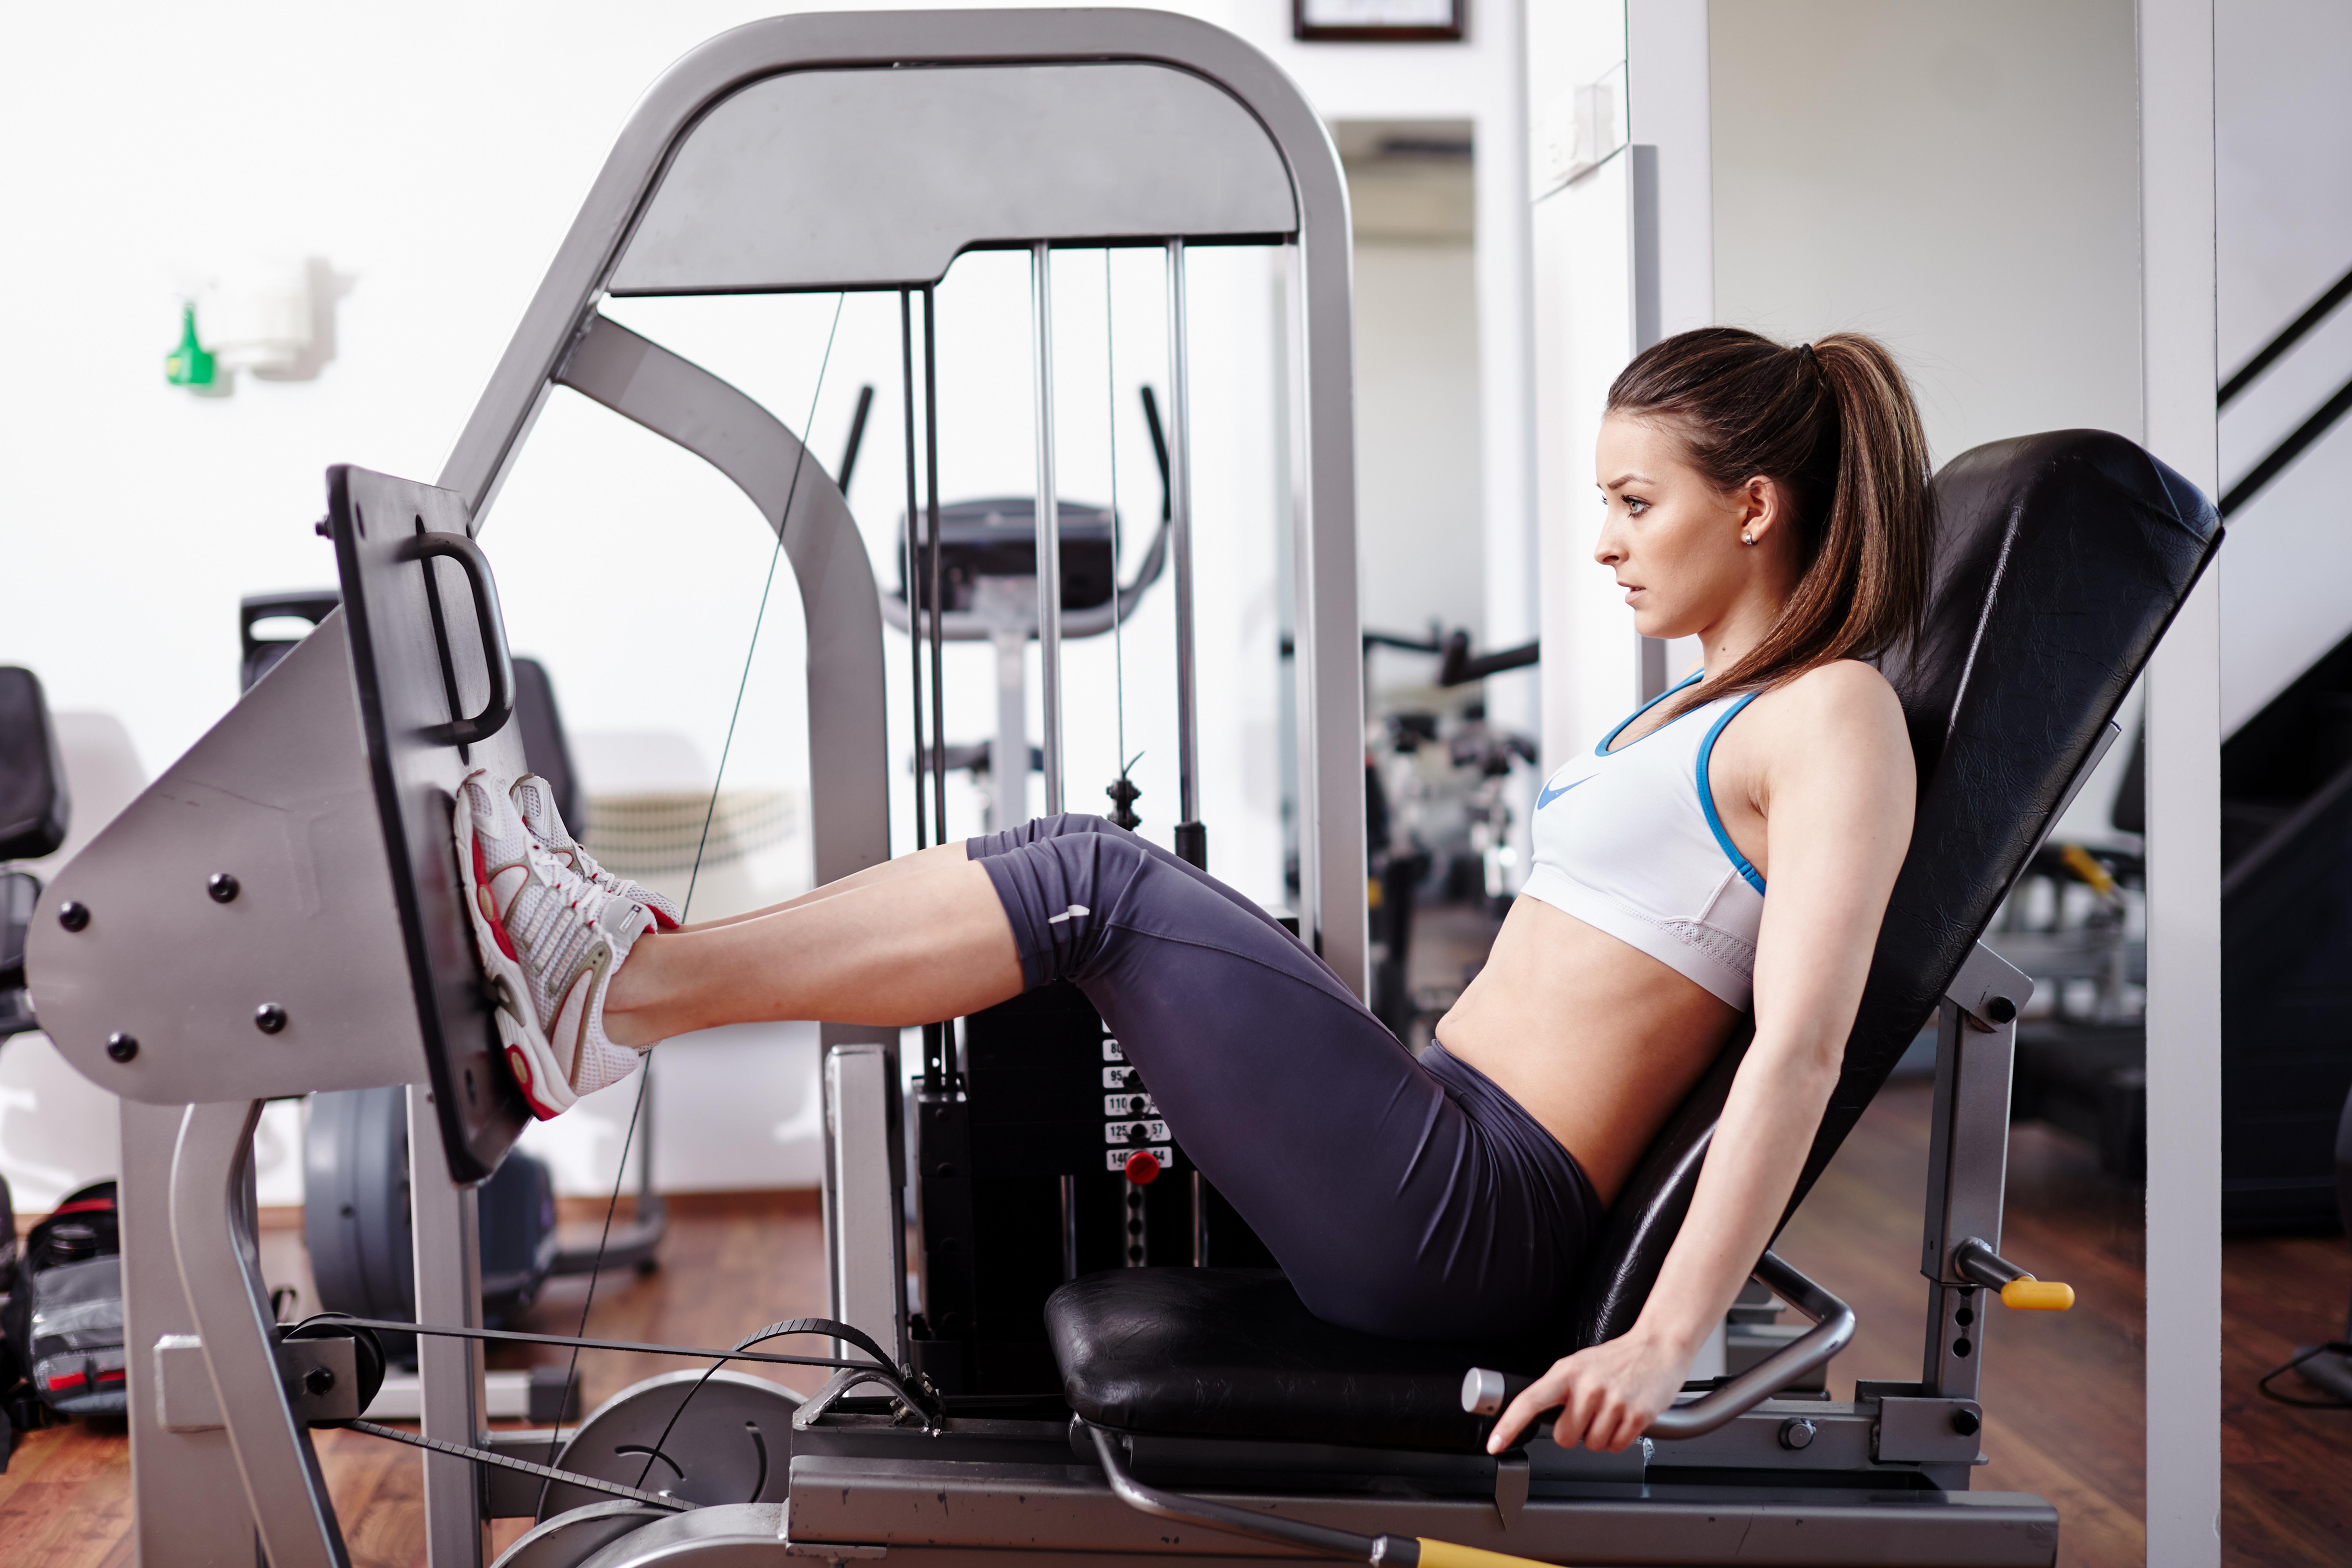 С Чего Начать Похудение Женщине В Зале. Упражнения и программы для похудения в тренажерном зале